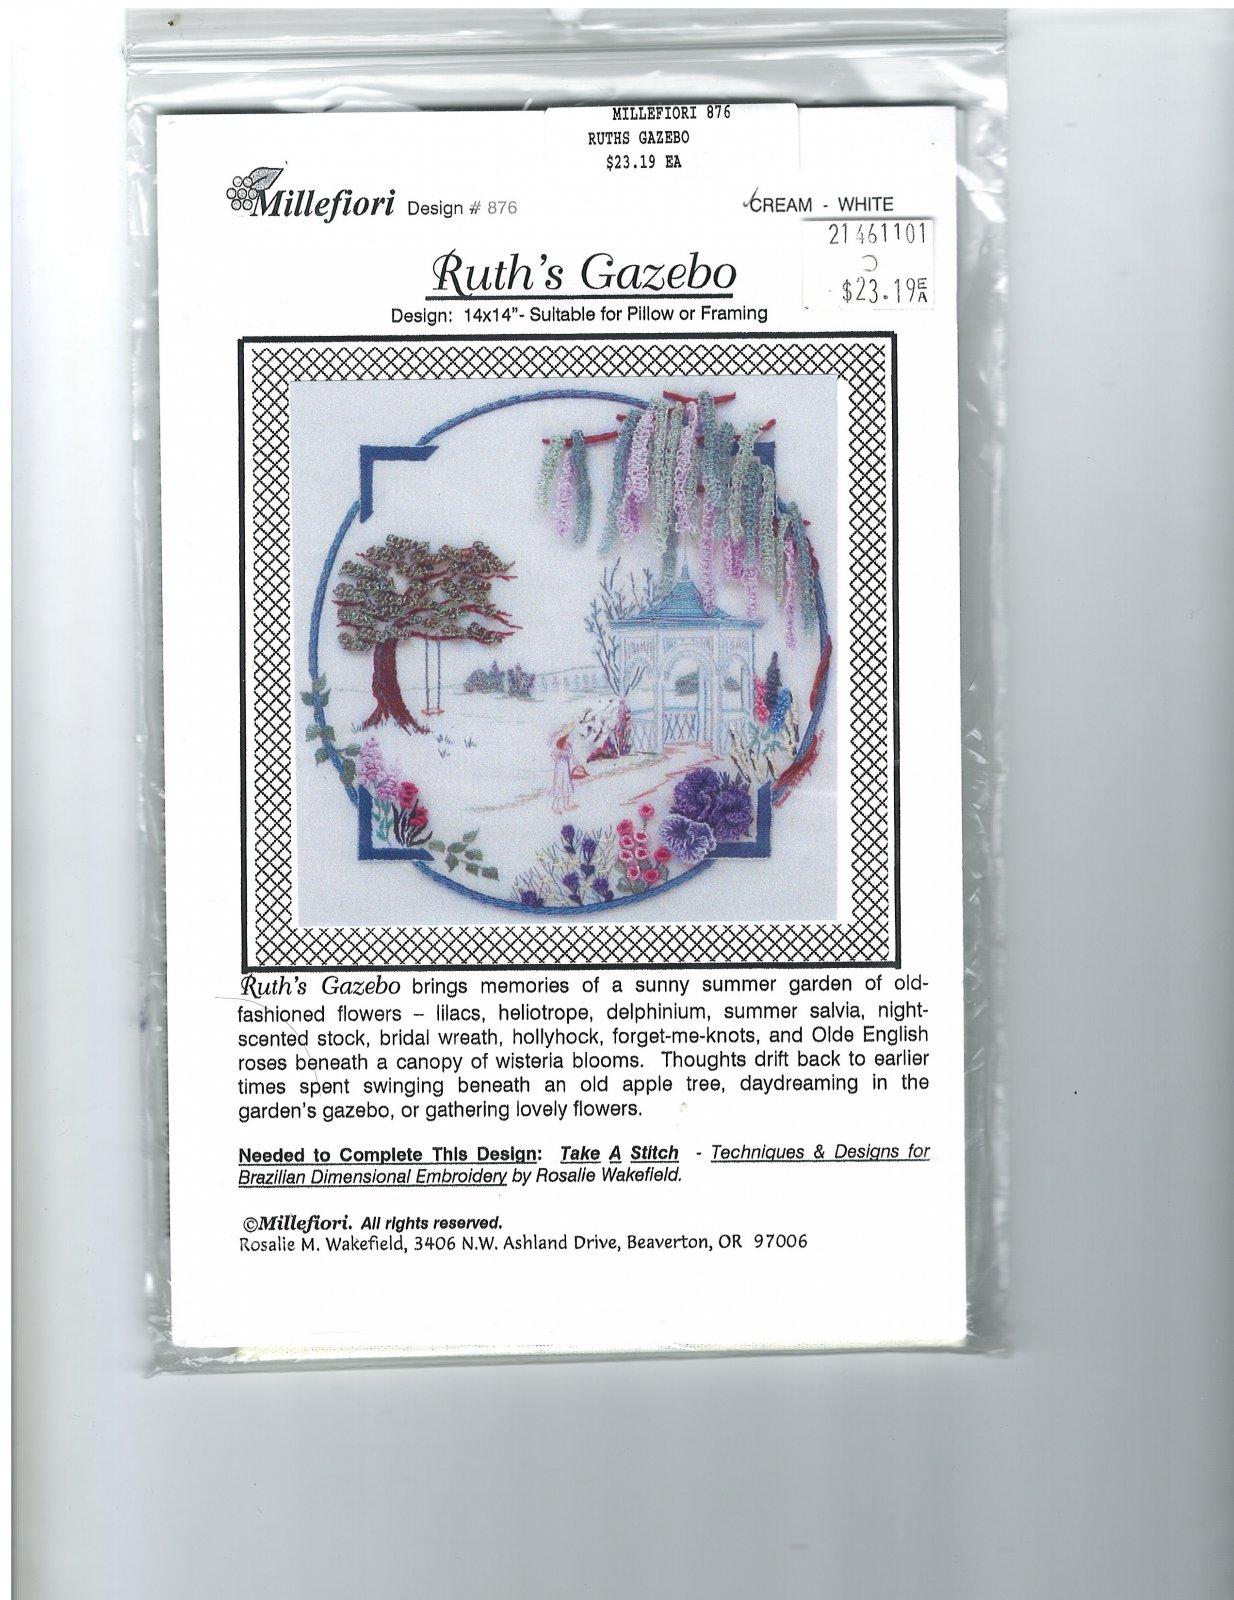 MBE Ruths Gazebo 876